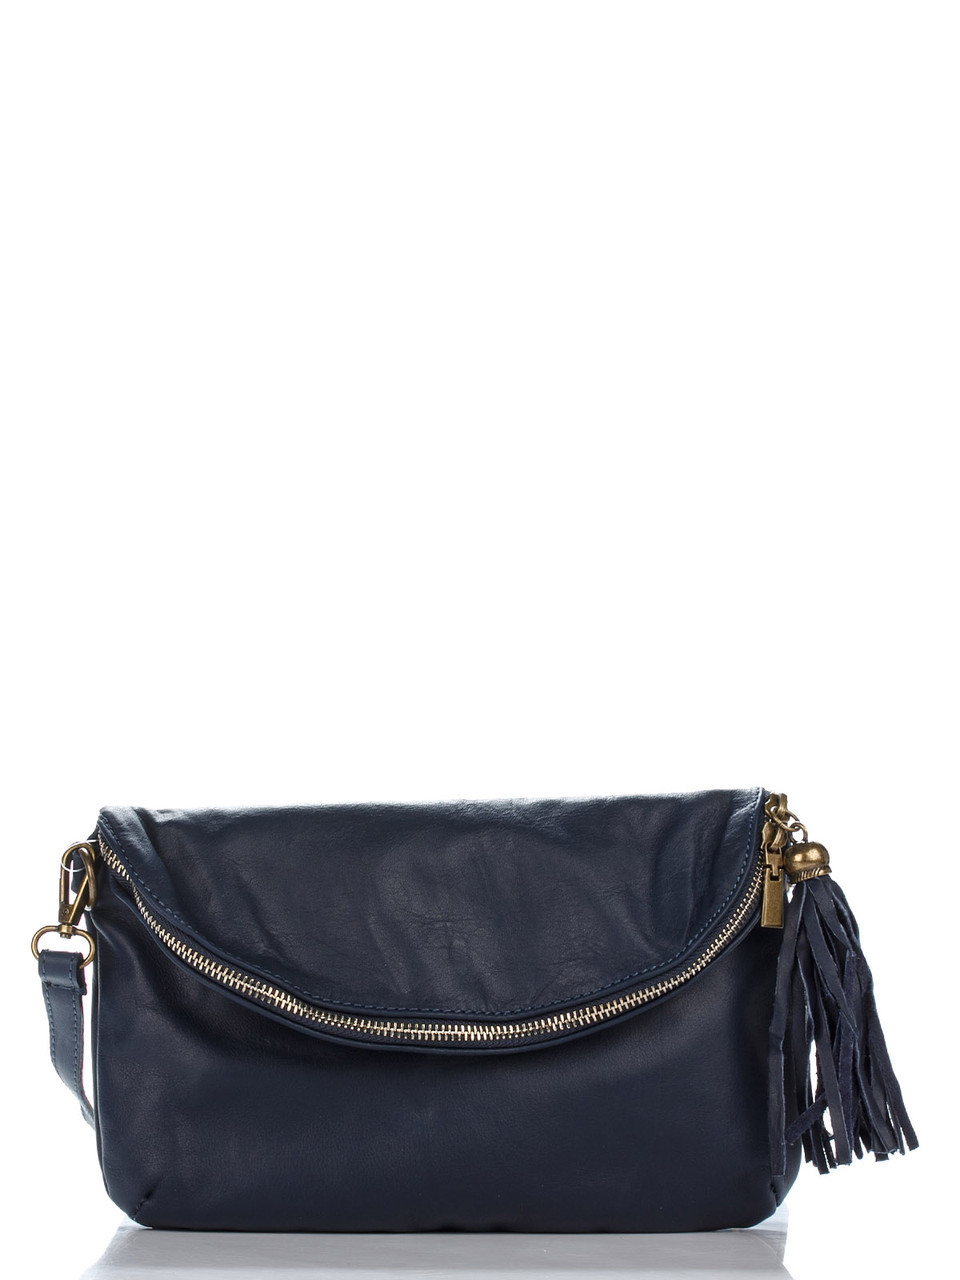 Жіноча шкіряна сумка SABINE diva's Bag колір темно-синій